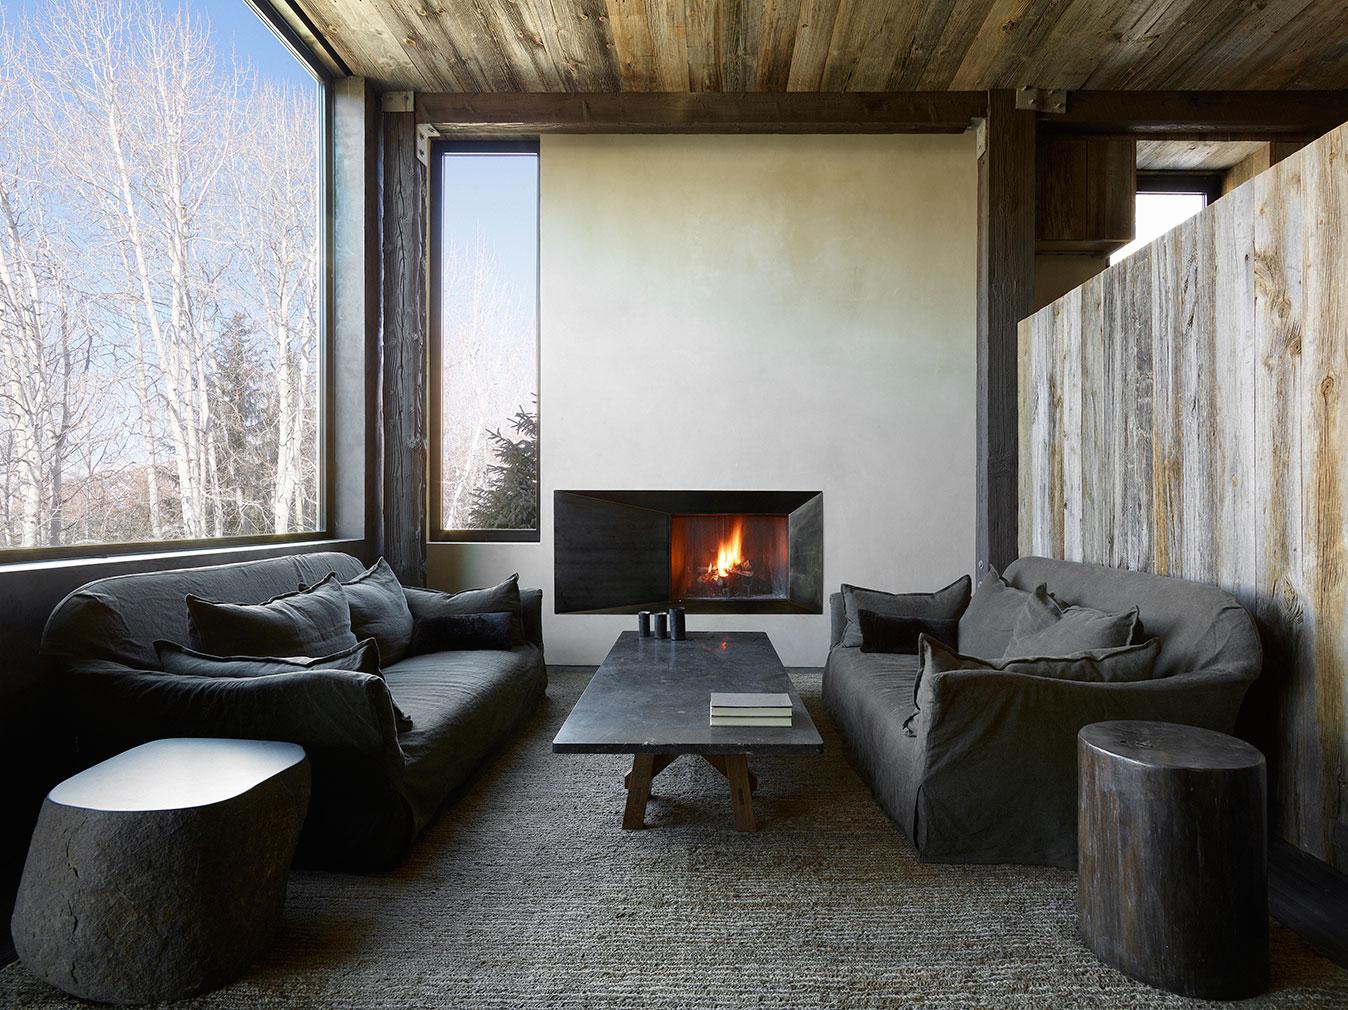 Chalet design: La Muna designed by Chad Oppenheim